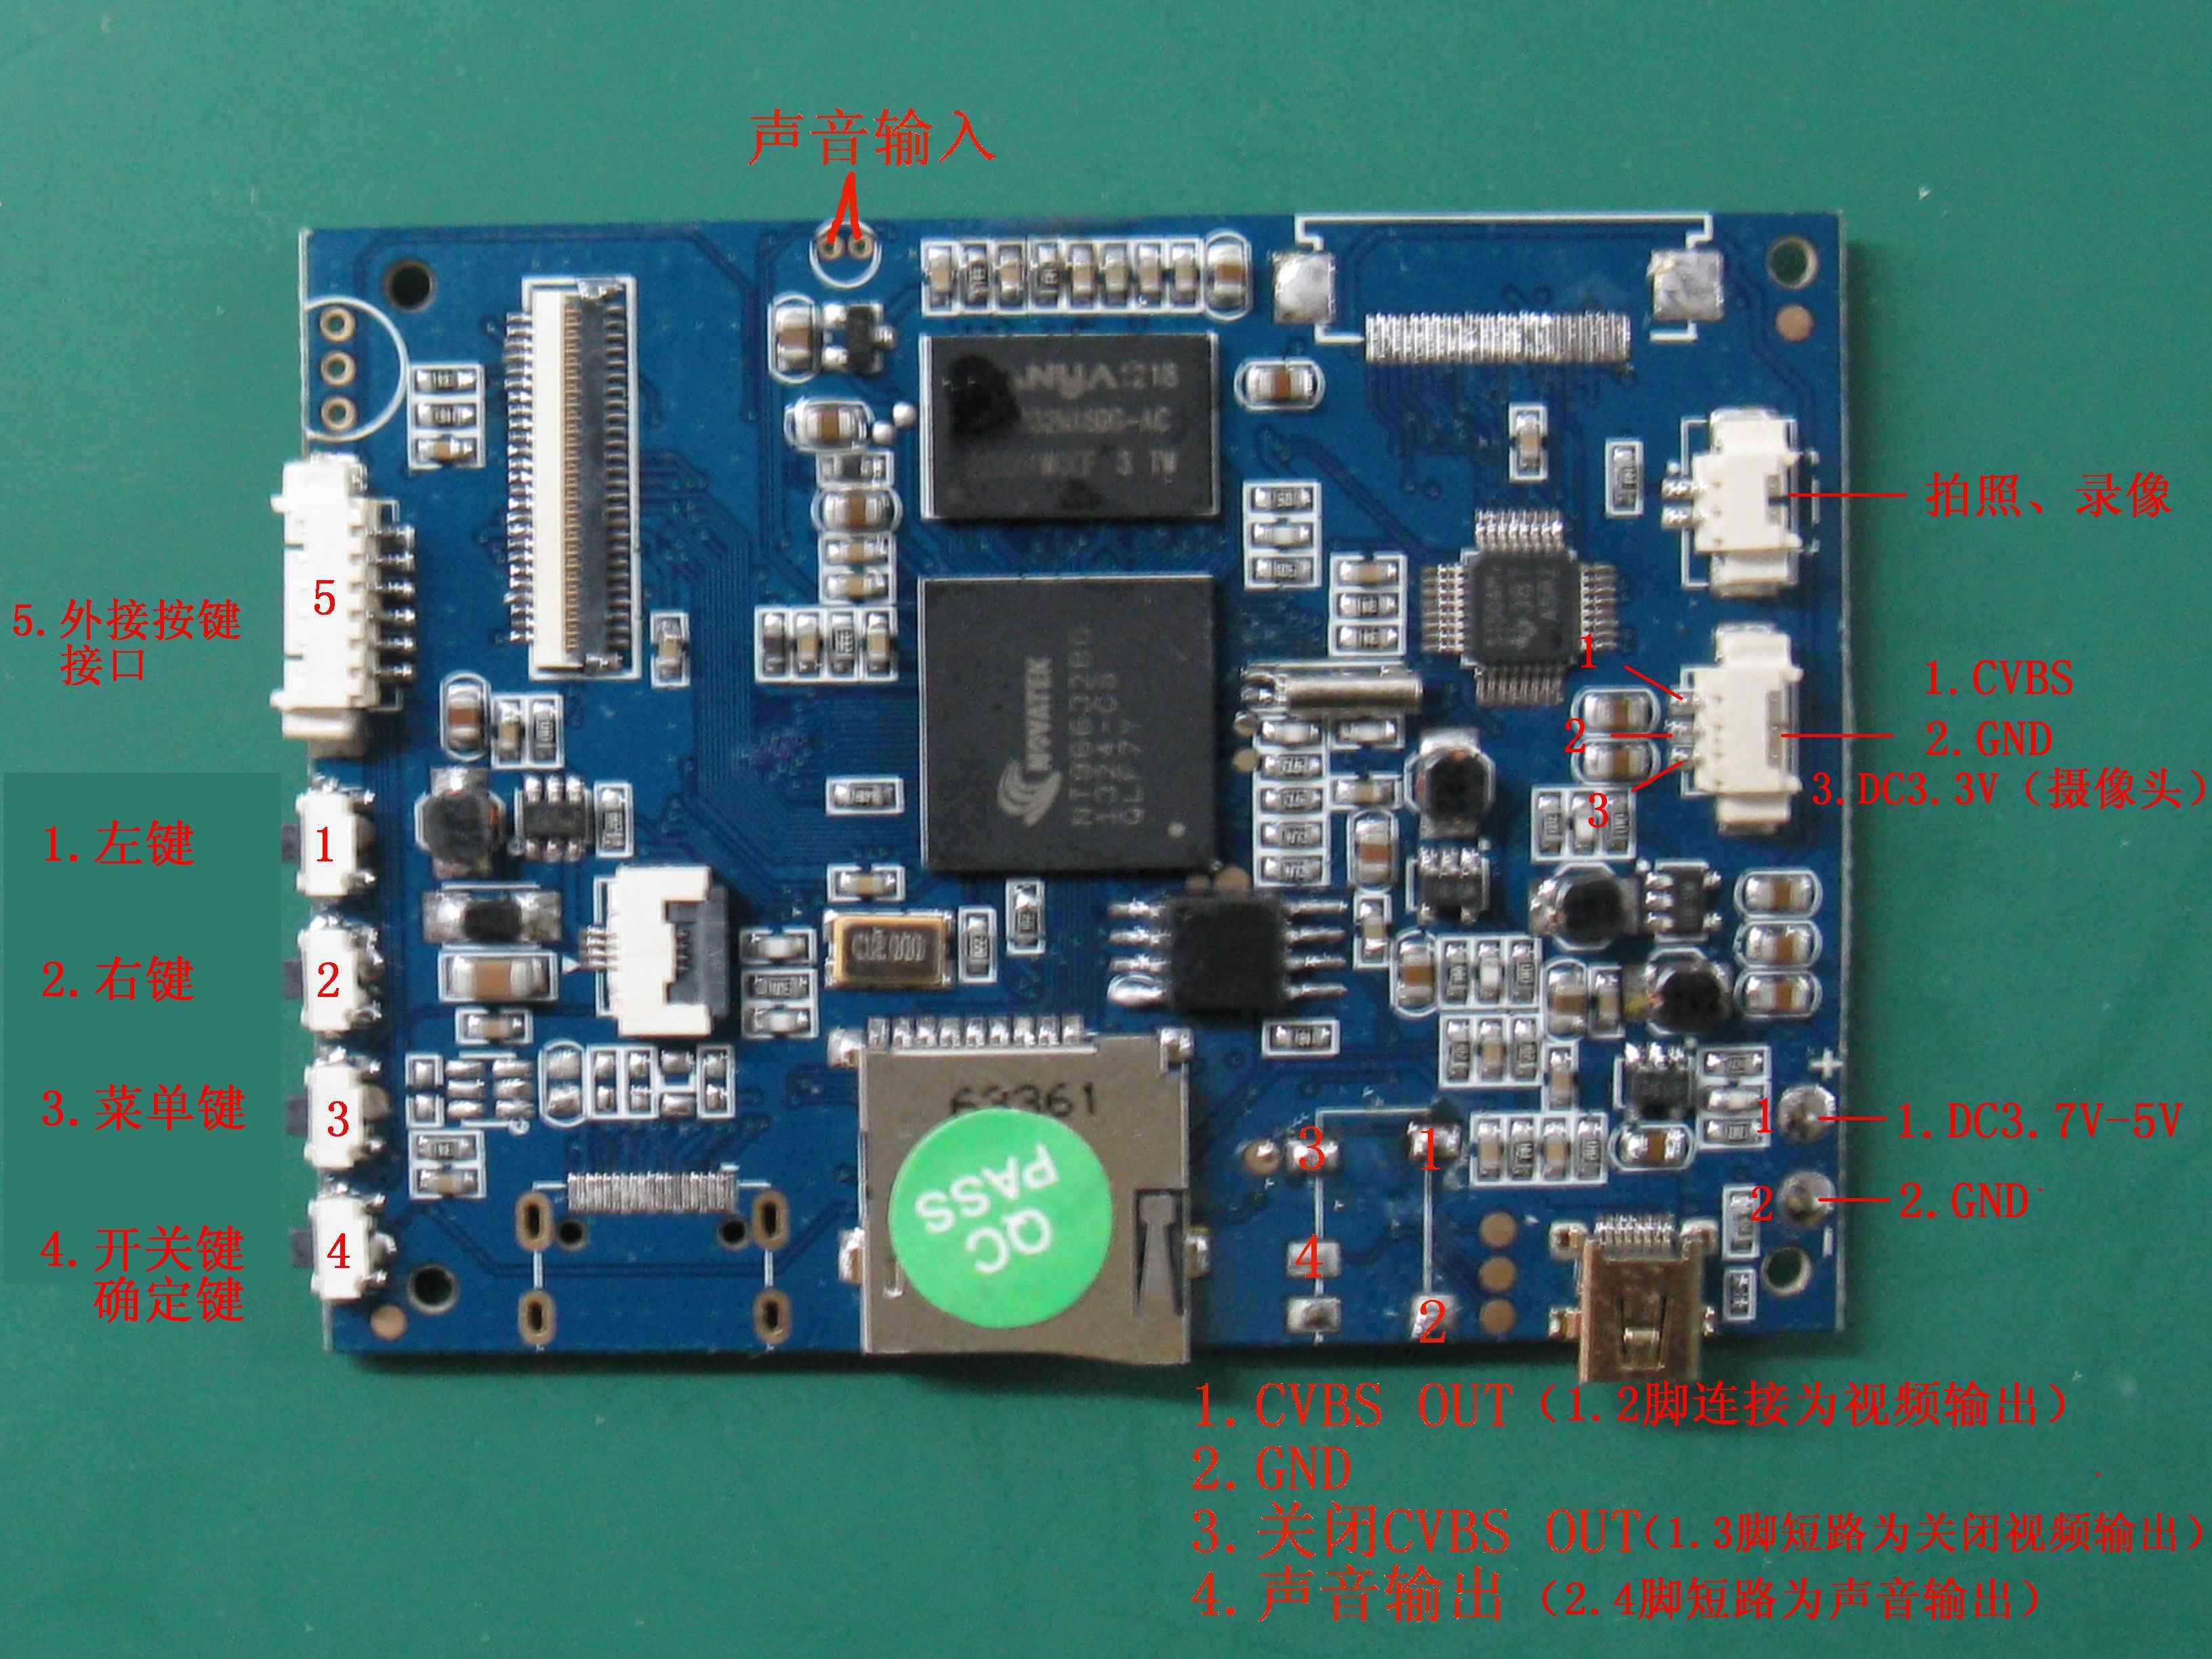 供应3寸视频定格板(可调色调亮度对比度)